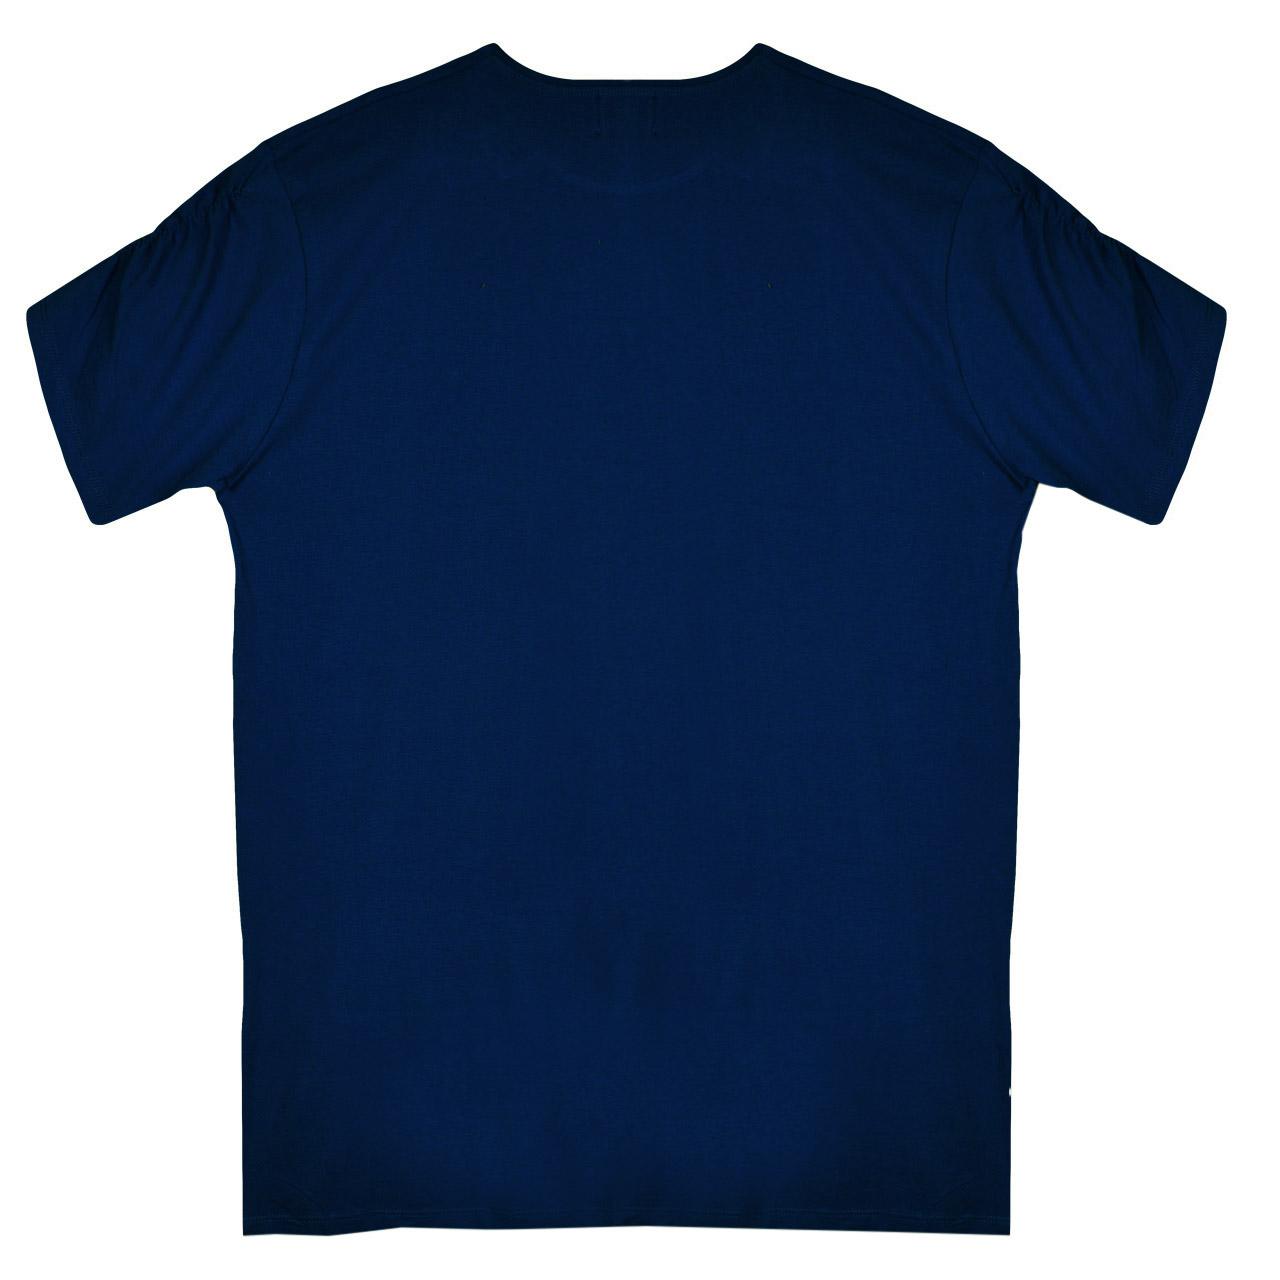 تی شرت مردانه کد 347011314